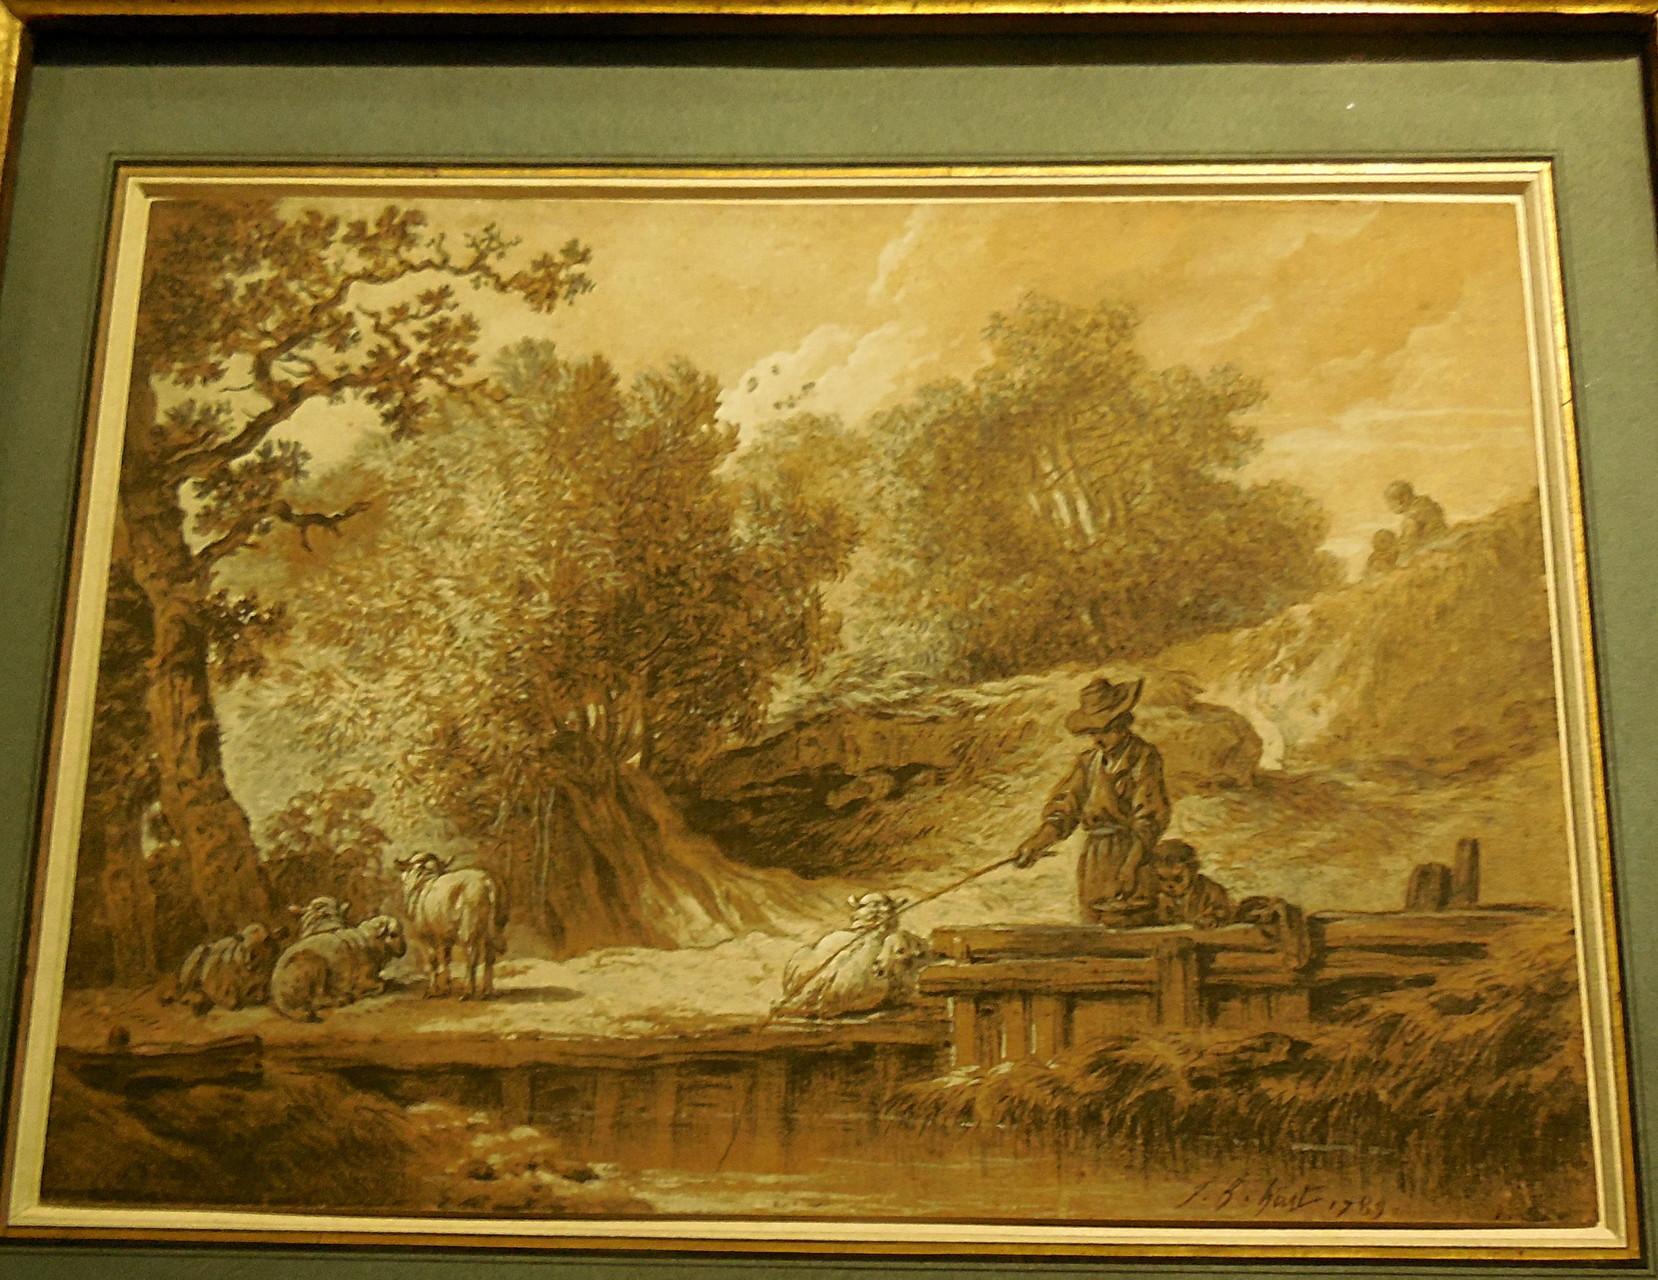 Huet J-B, Enfant pêchant au bord d'une rivière, 1789, Coll privée / Photo JH